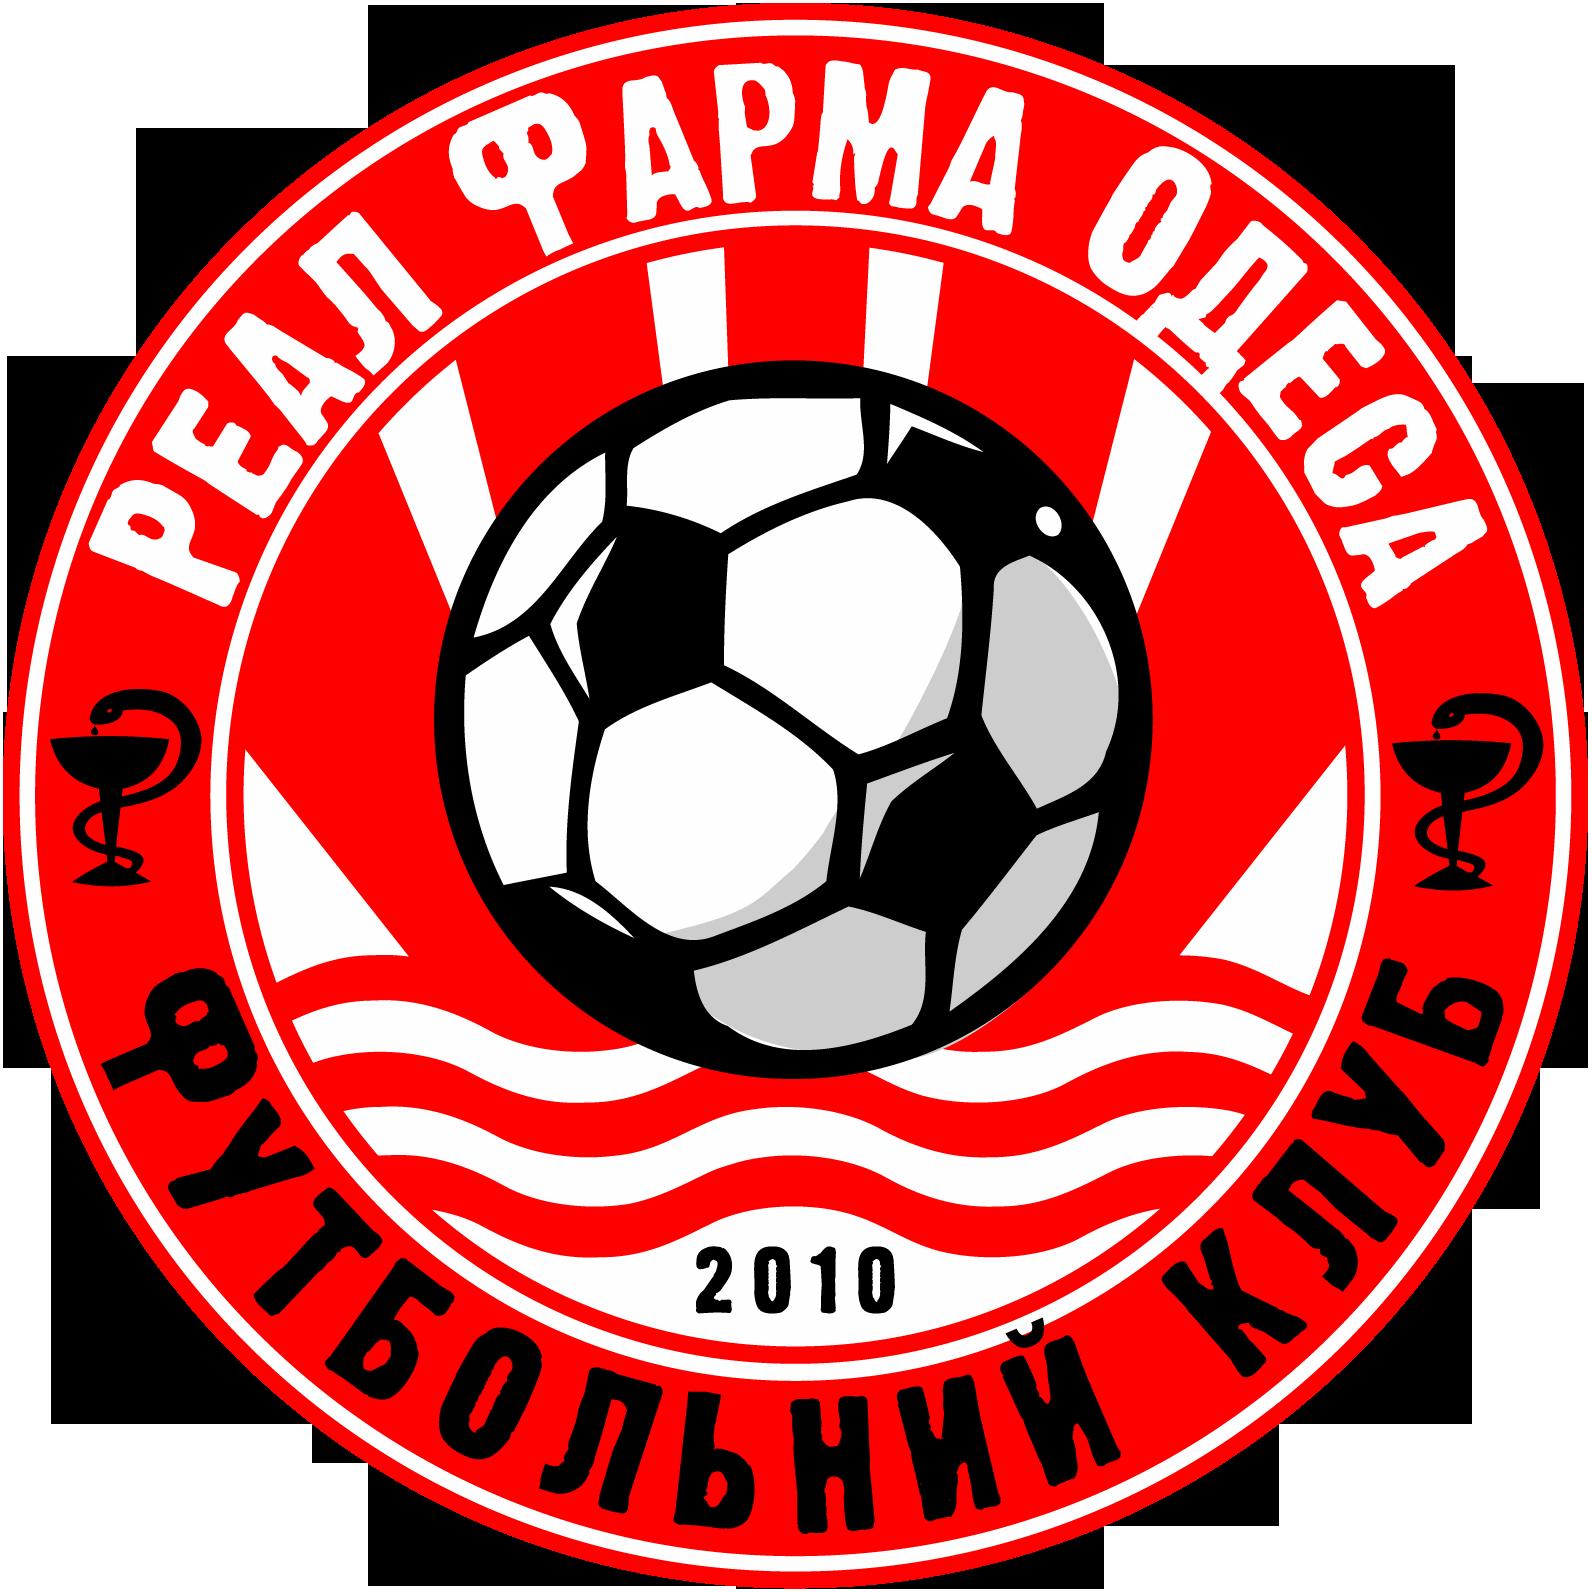 Логотип Реал Фарма